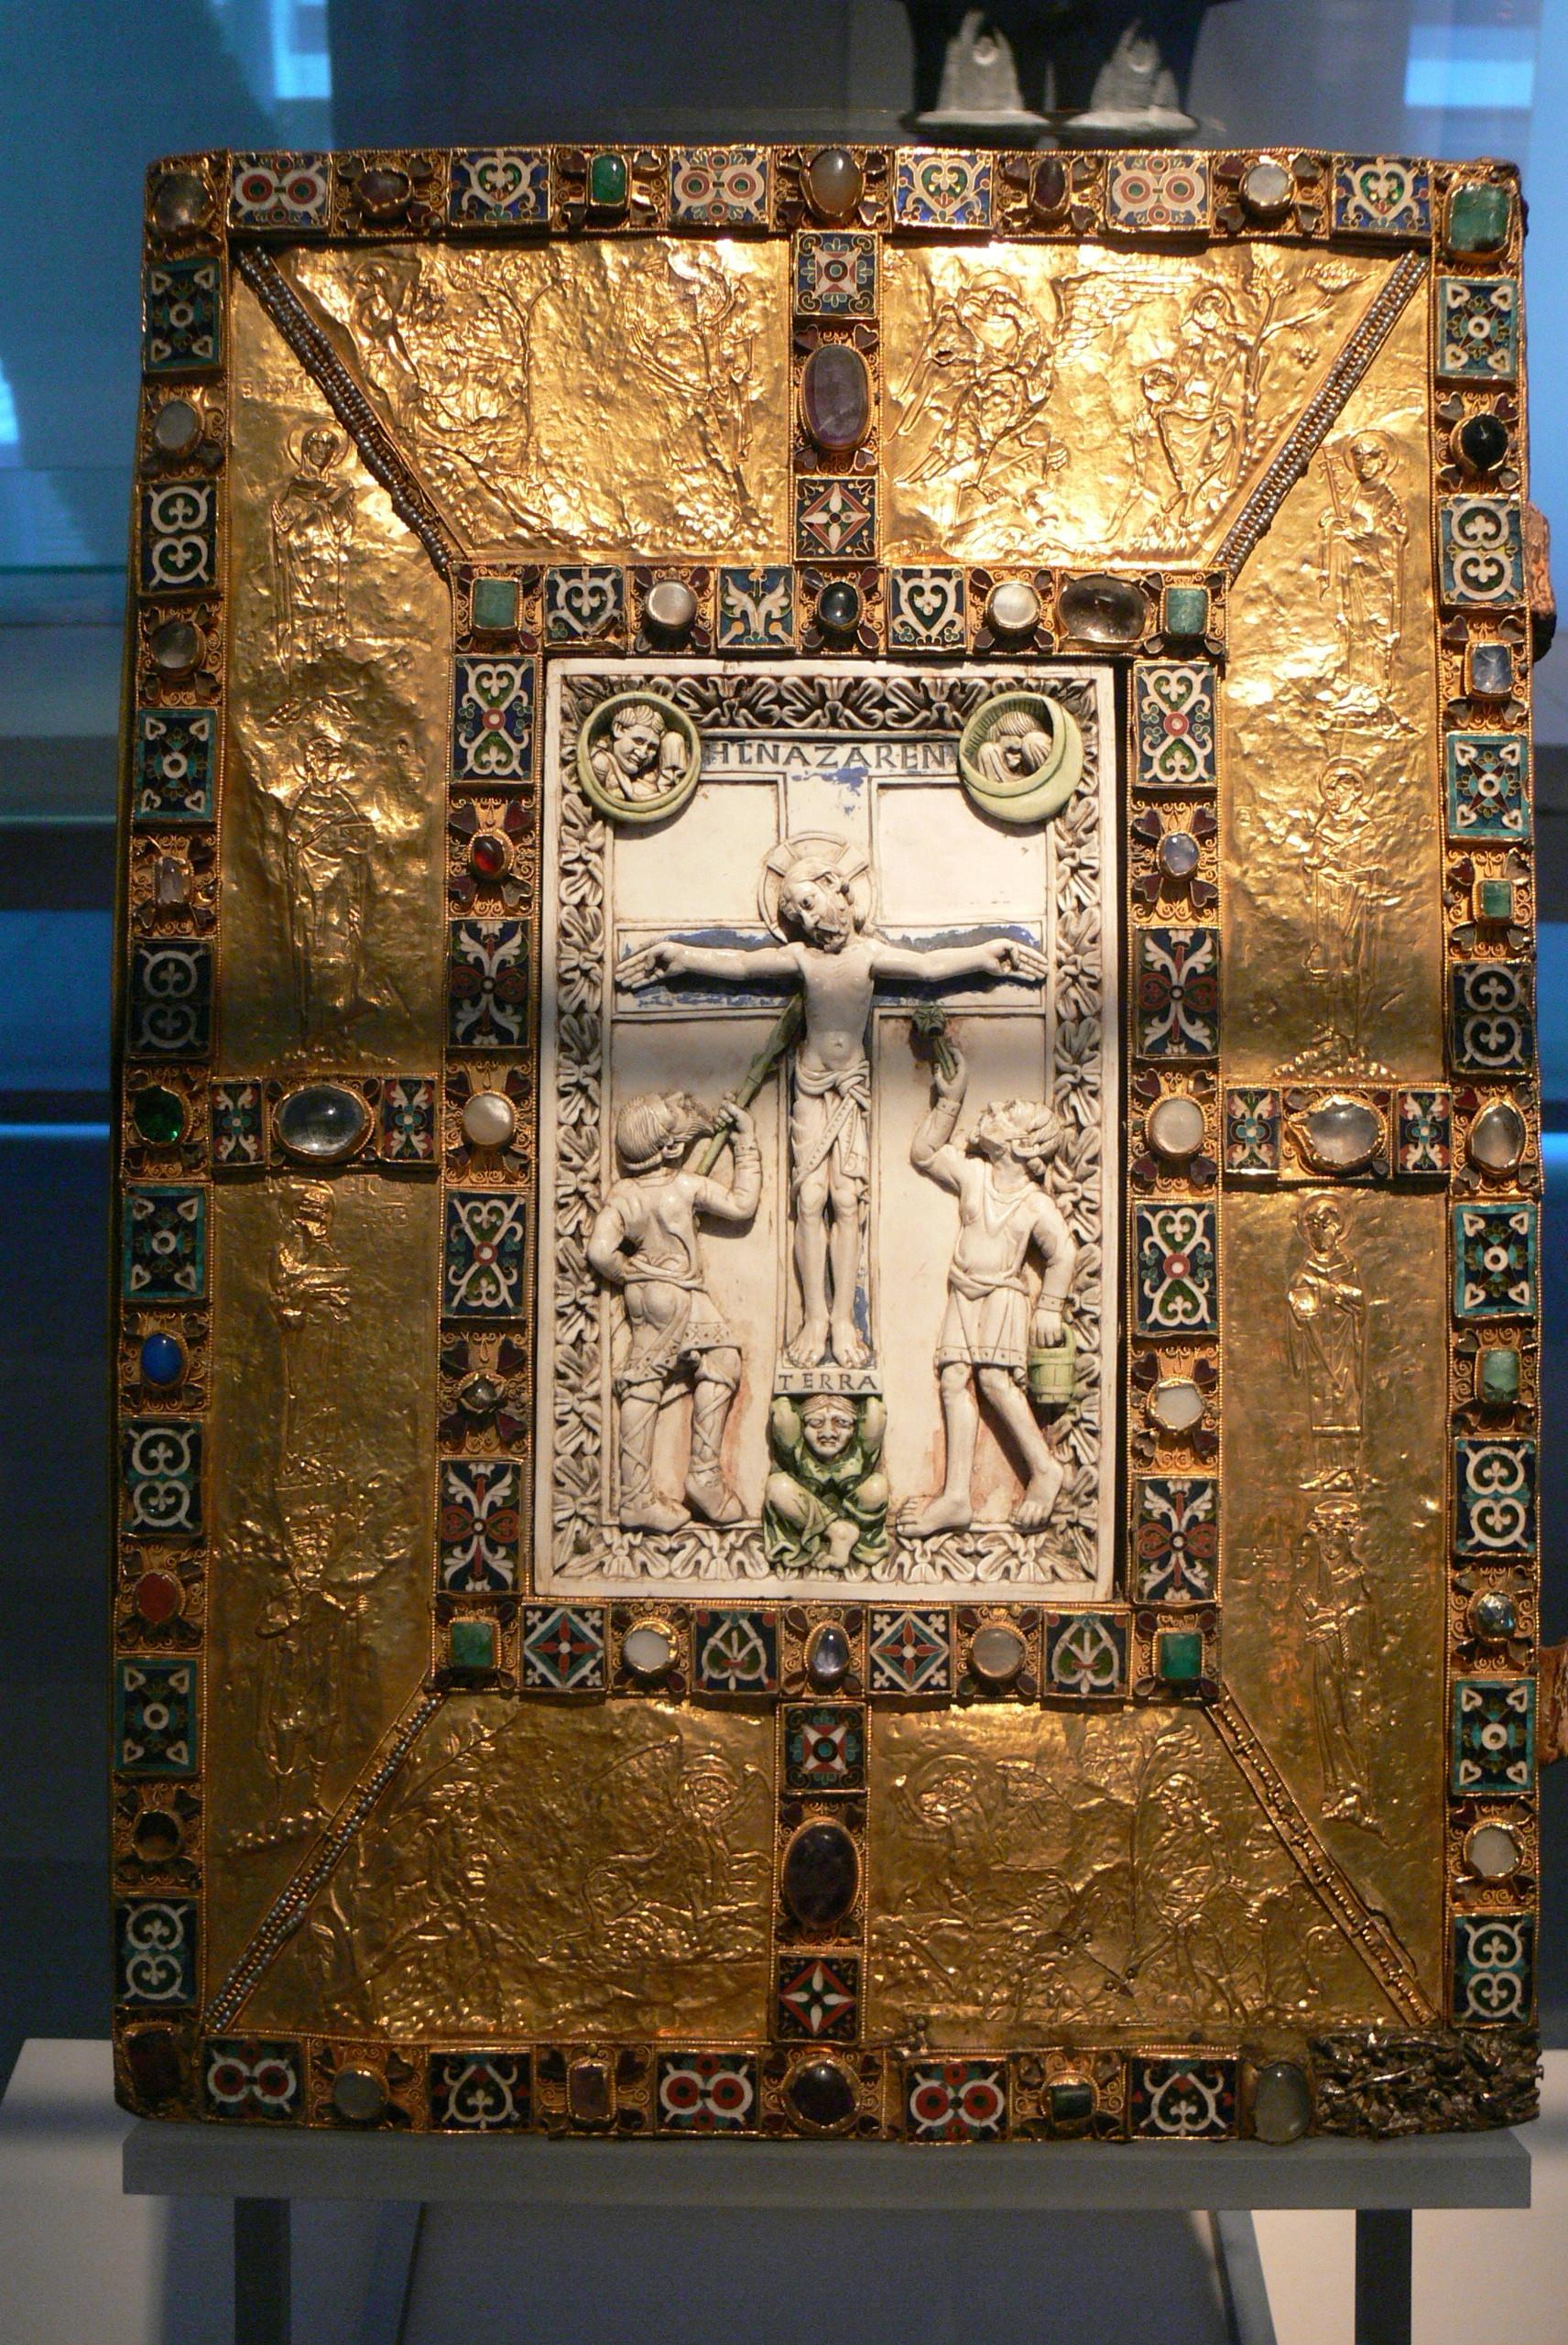 """Der """"Codex aureus Epternacensis"""" oder """"goldene Codex von Echternach"""" - eines der prachtvollsten erhaltenen Bücher aus dem Mittelalter, ein Beispiel allerhöchster Kunstfertigkeit. Aber steht sein Wert als Quelle in Zusammenhang mit seinem künstlerischen oder materiellen Wert?"""